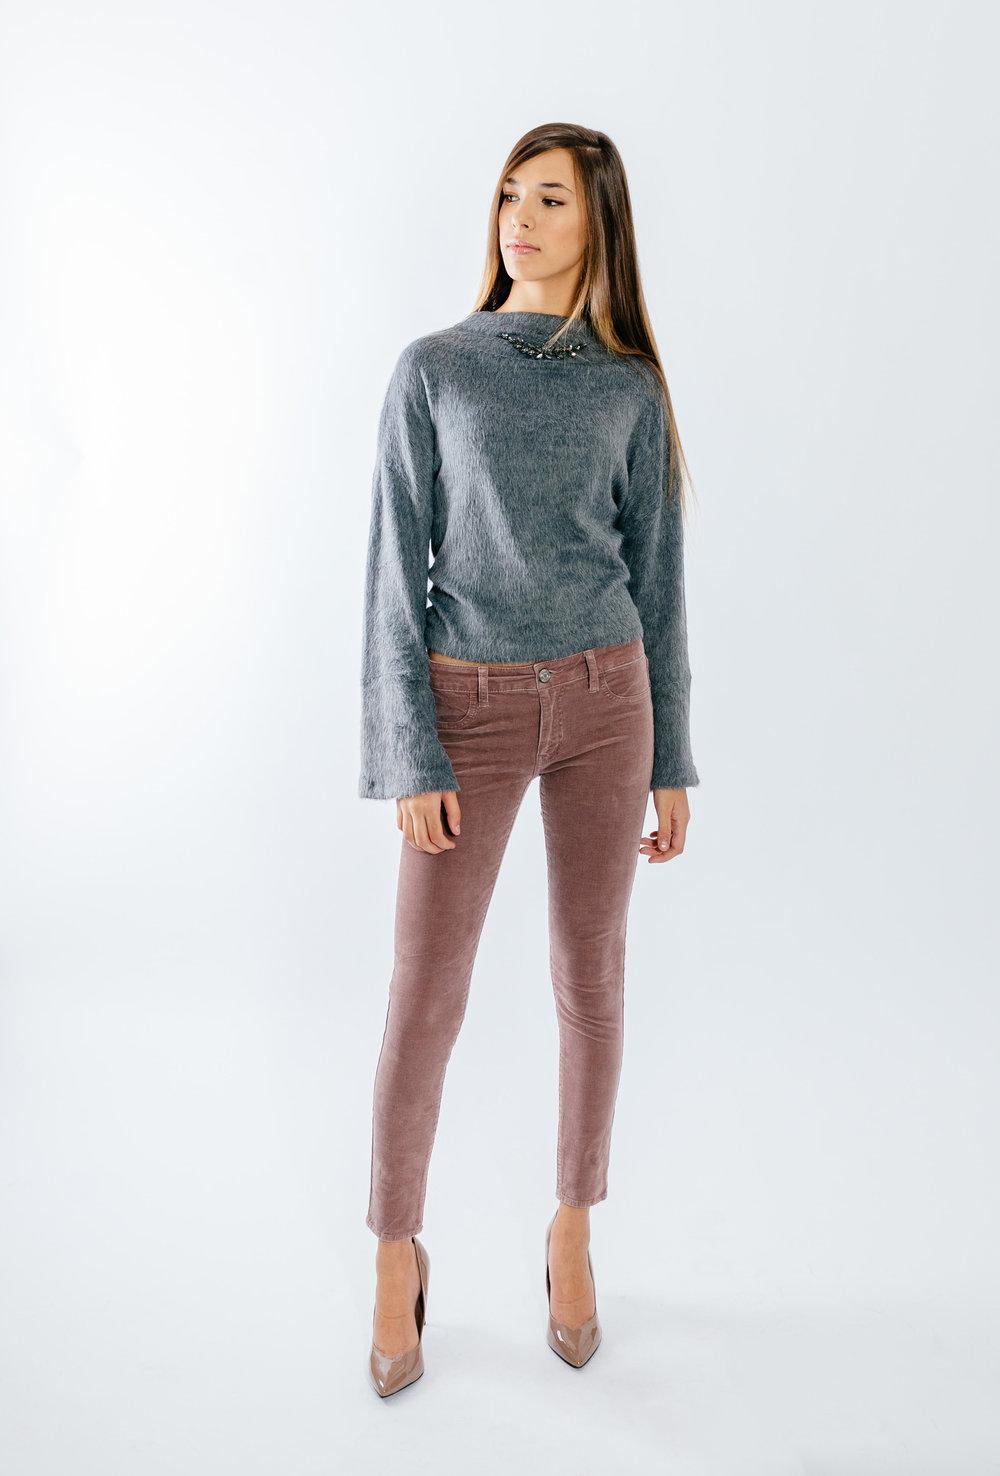 סריג ומכנסים- MANGO  נעלים  CHARLES & KEITH   (צילום: מרק סגל ל imahotmag.com)